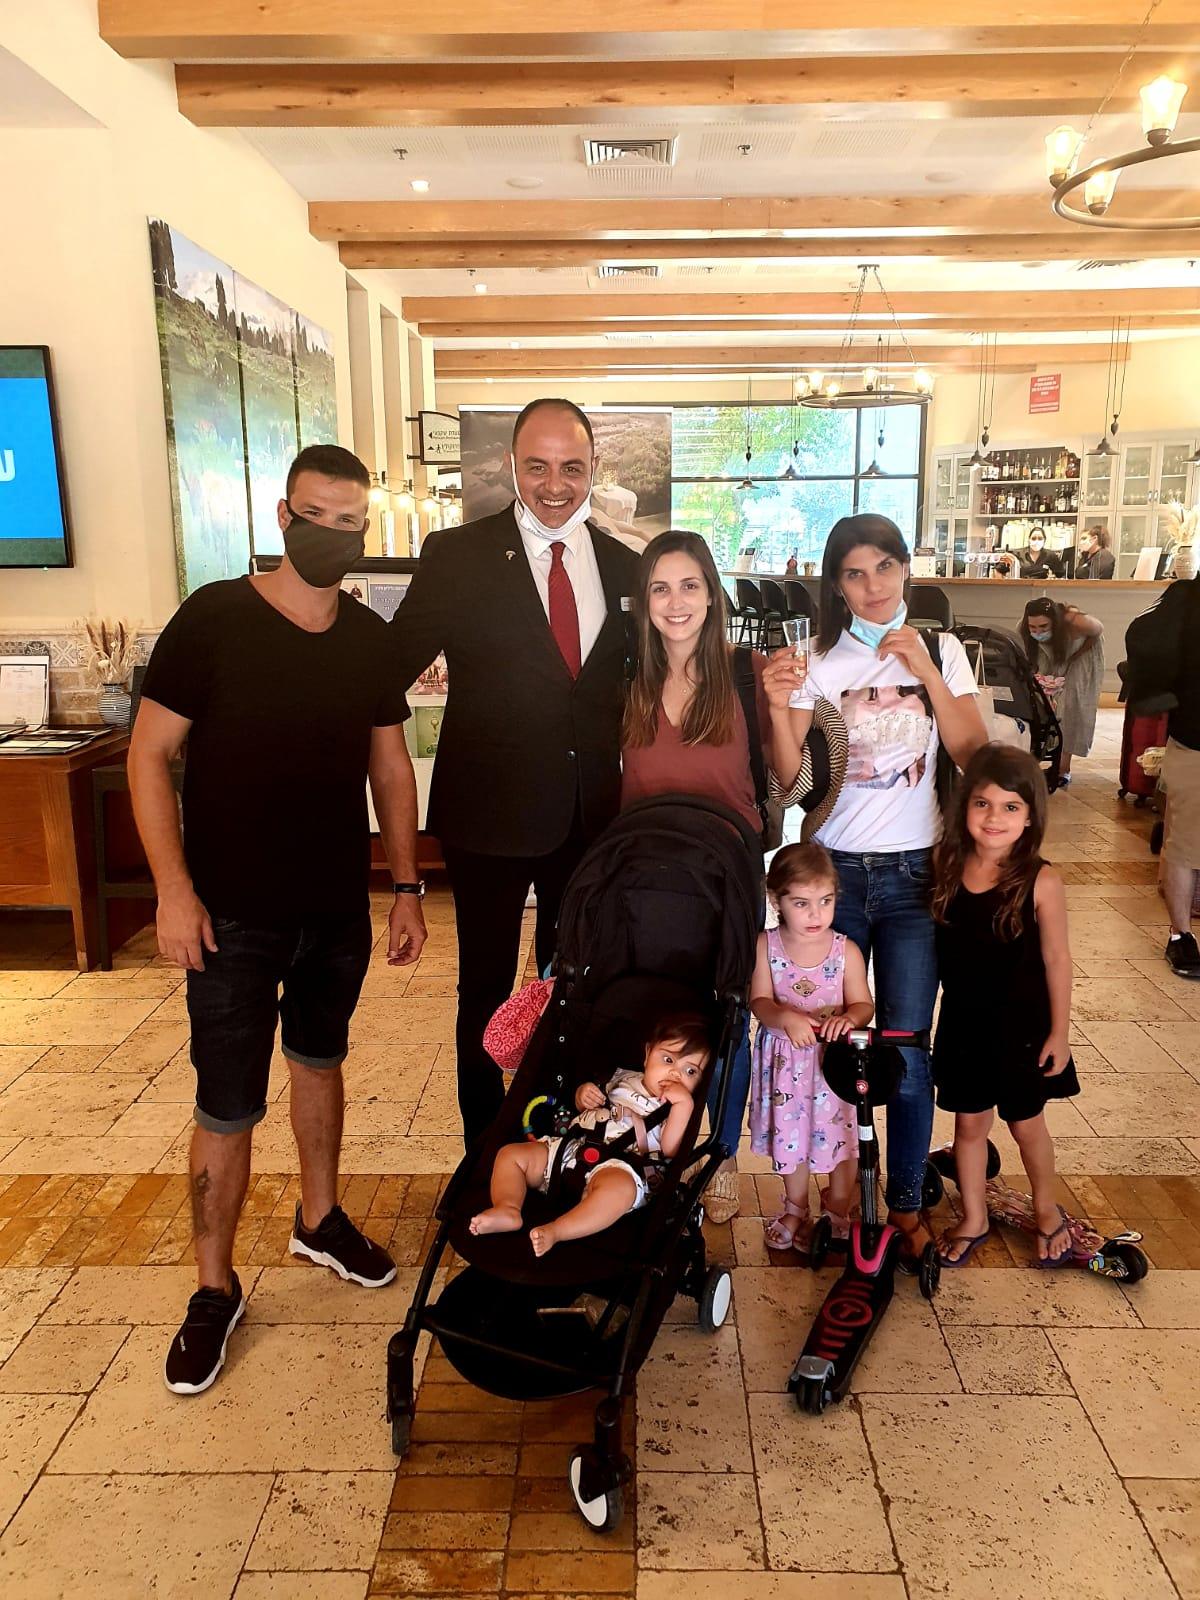 """מנכ""""ל מלון גליליון ארז משה אירח במלון גליליון את כתב הפלילים של ערוץ 13 מאור צור"""